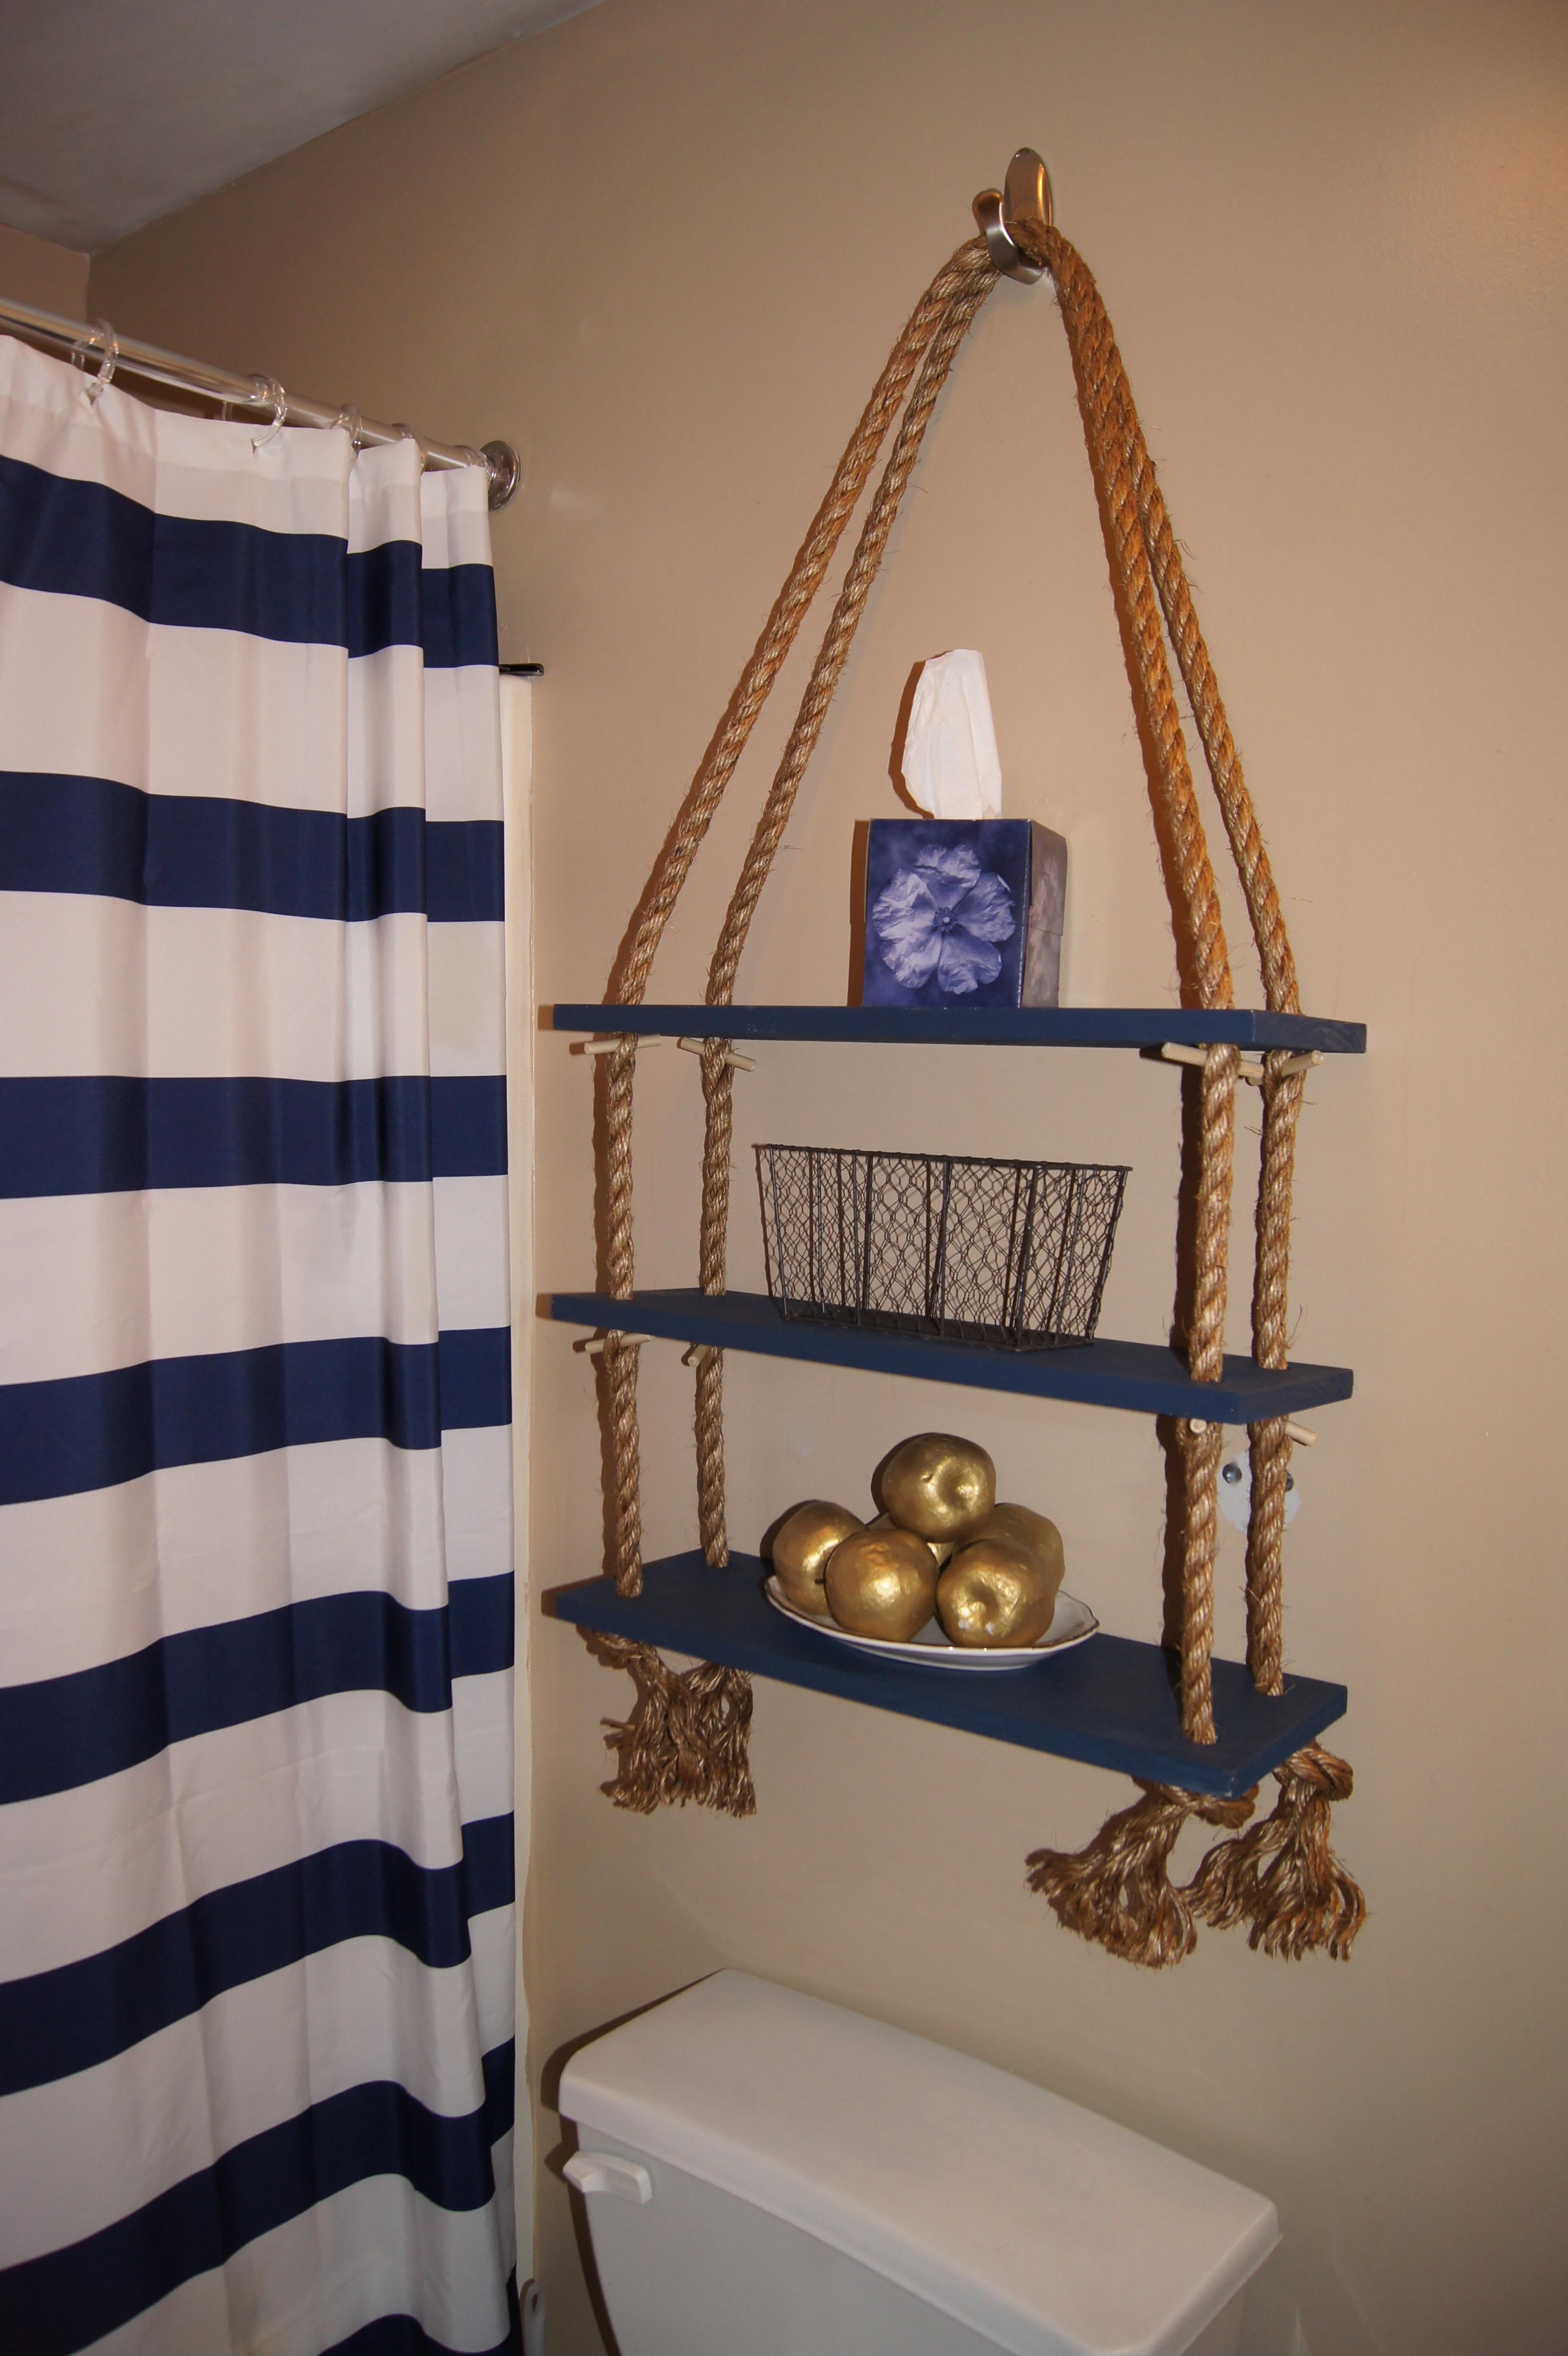 2. A Simple Hanging Shelf idea via Simphome